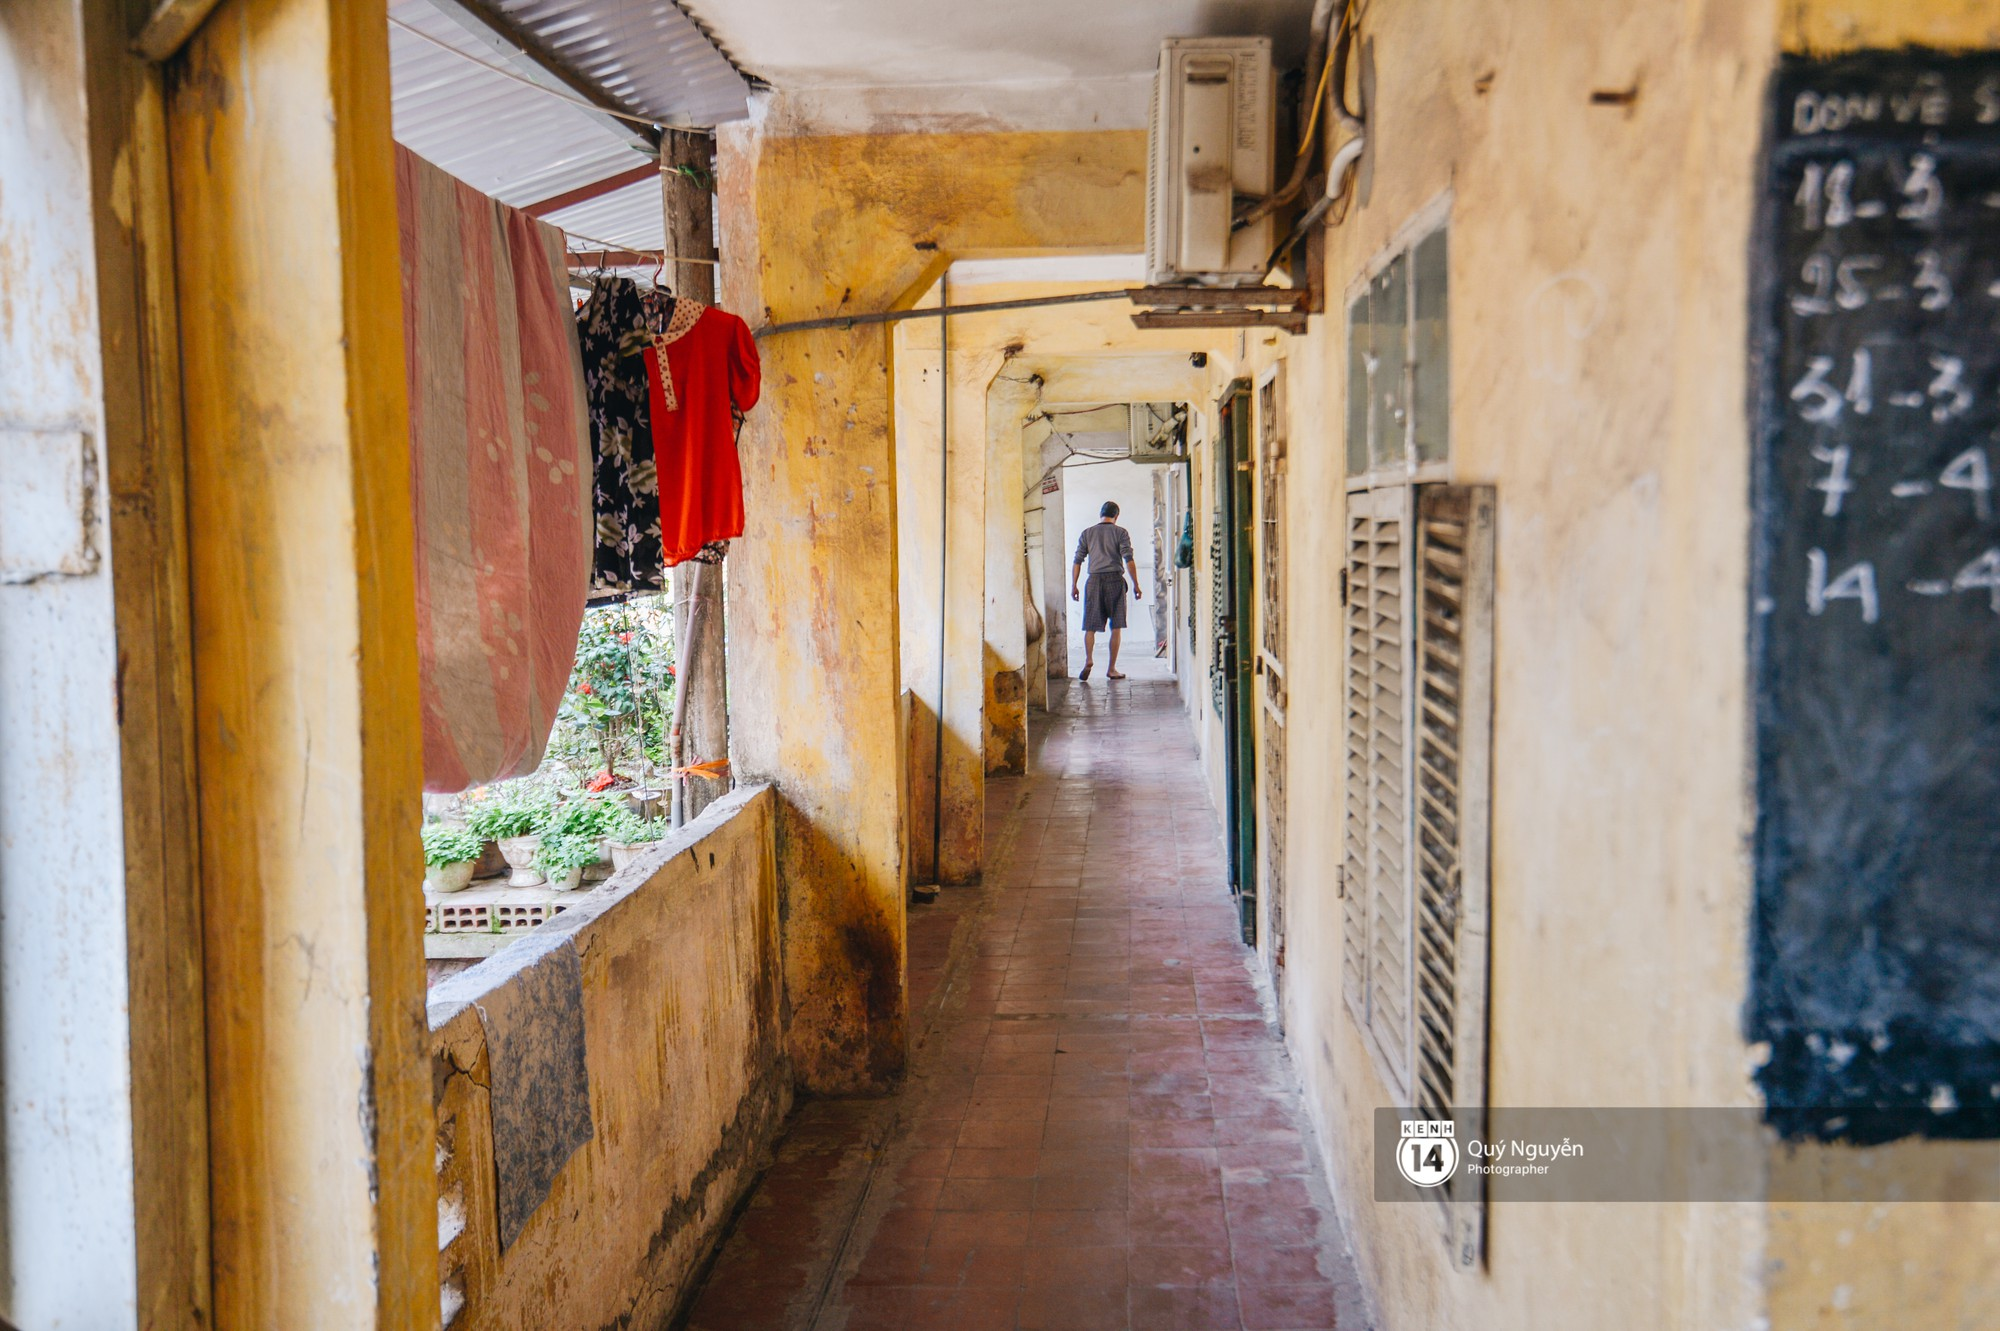 Chùm ảnh: Thấp thỏm sống trong chung cư tử thần đầy những vết nứt ở Hà Nội - Ảnh 8.